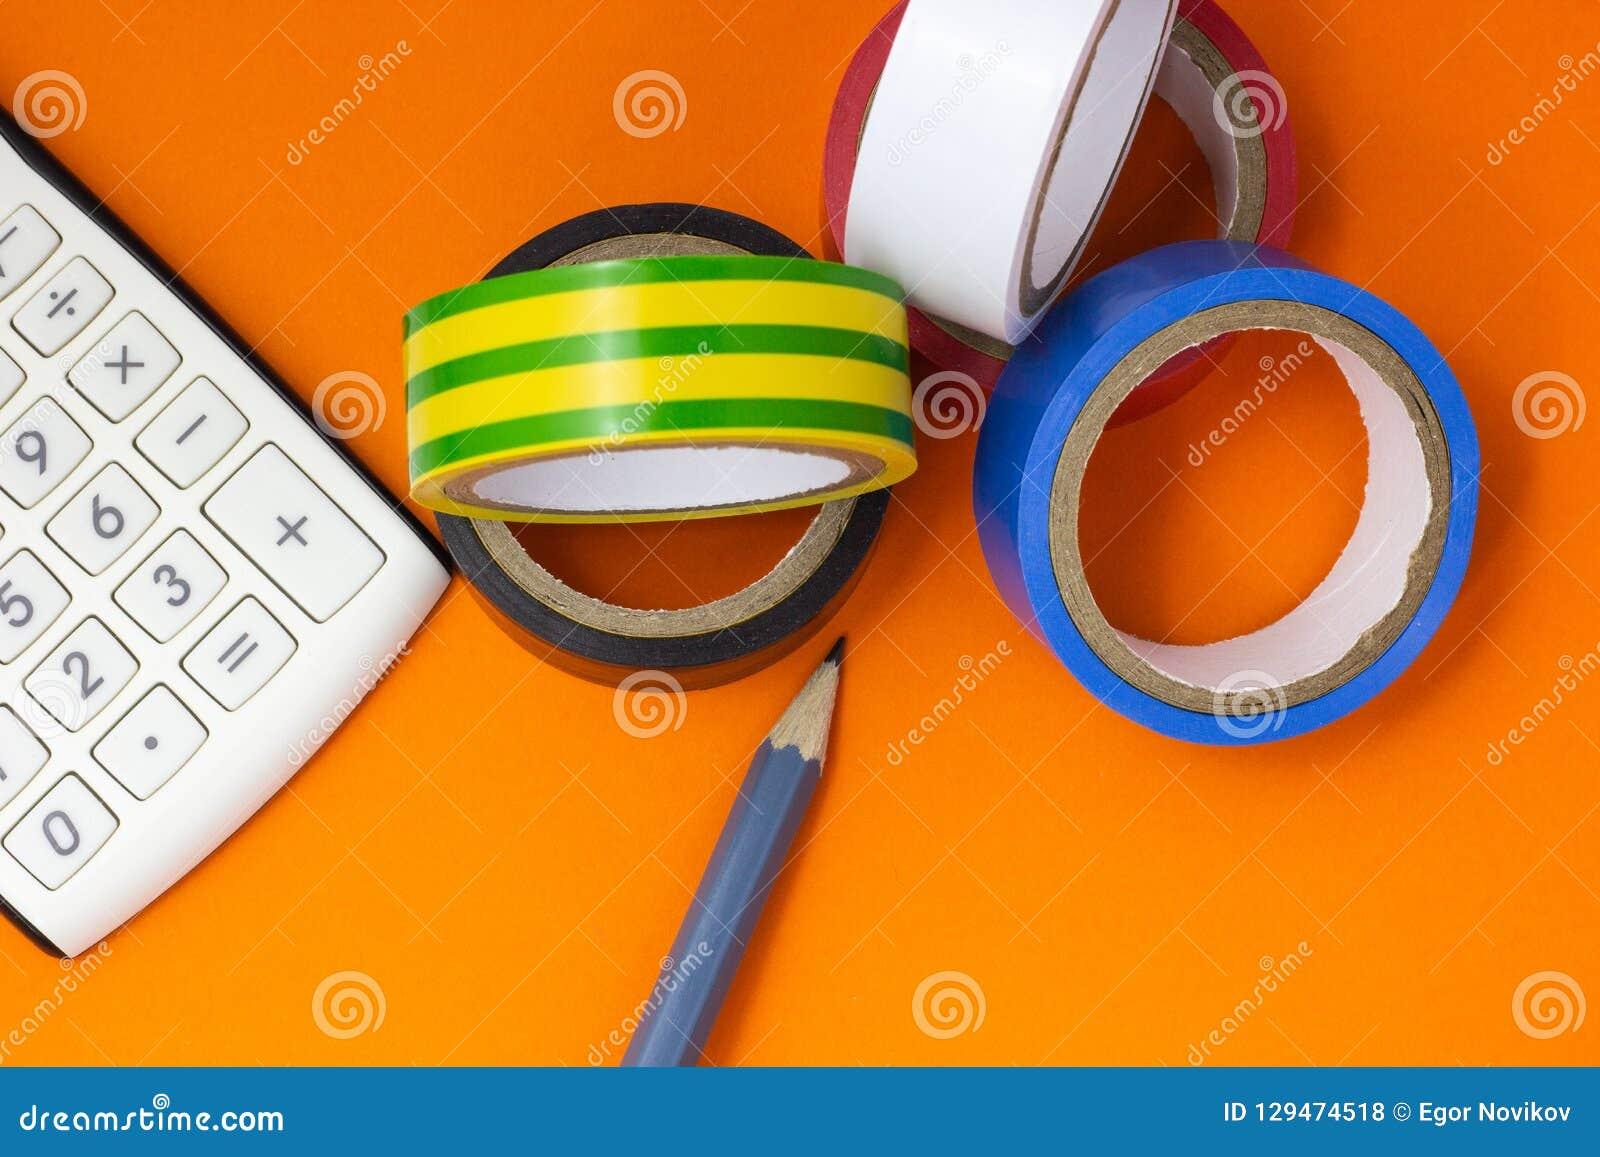 Calculatrice, bande d isolation et crayon sur un fond orange